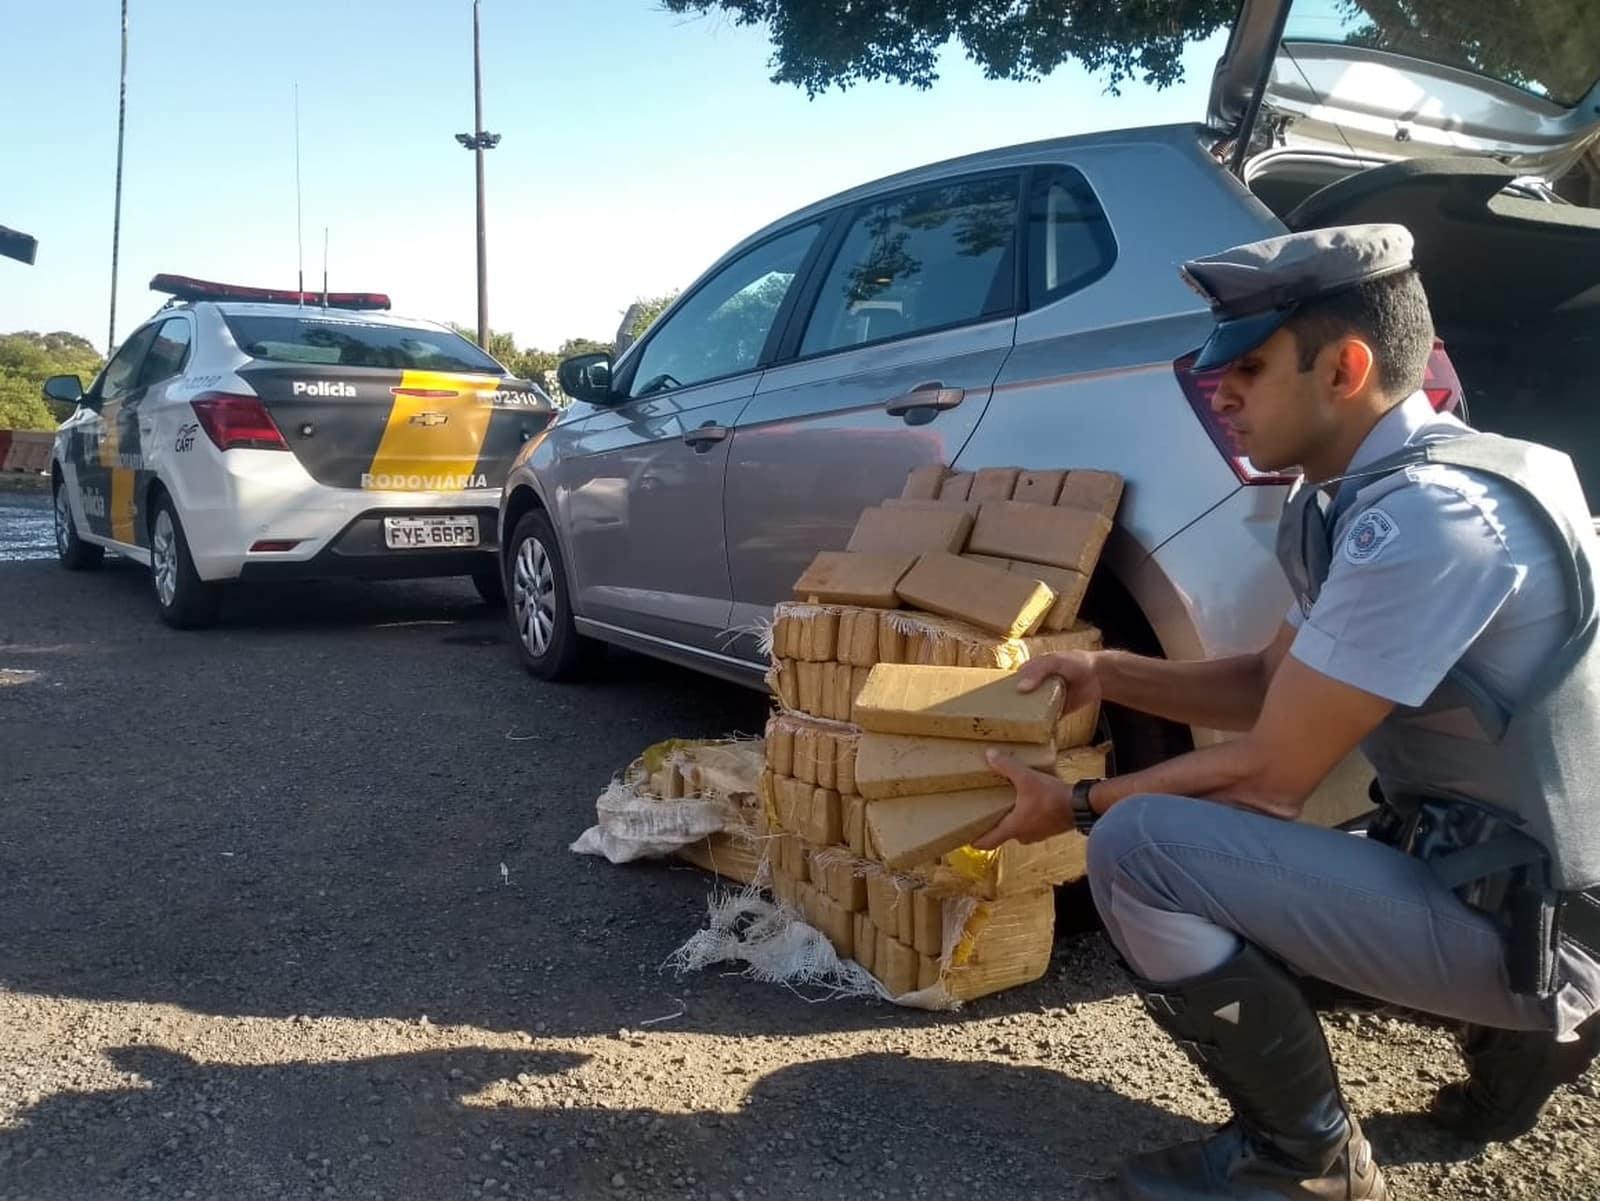 Polícia Rodoviária apreende tijolos de maconha durante fiscalização na Raposo Tavares — Foto: Polícia Rodoviária/Divulgação